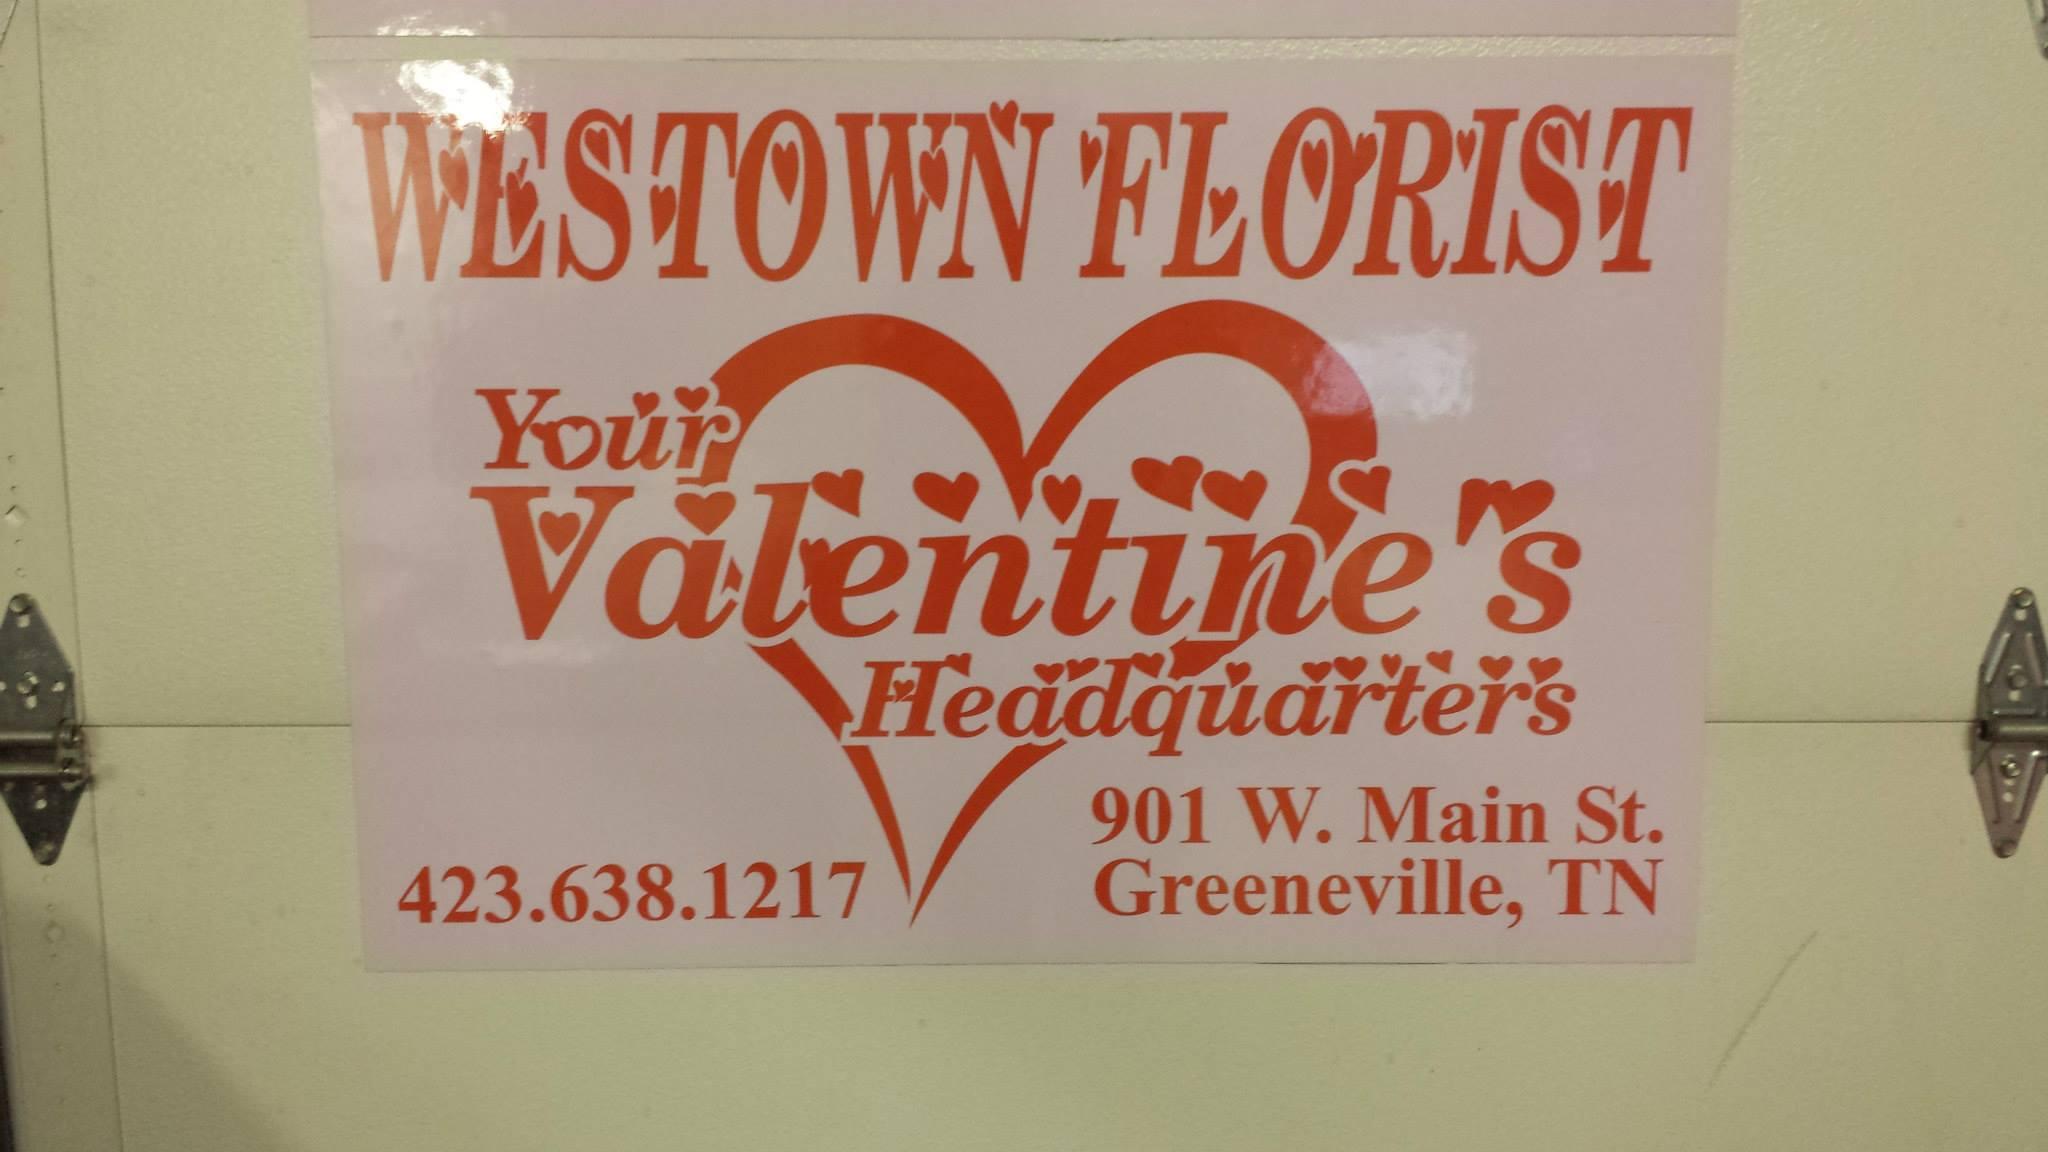 WesTown Florist